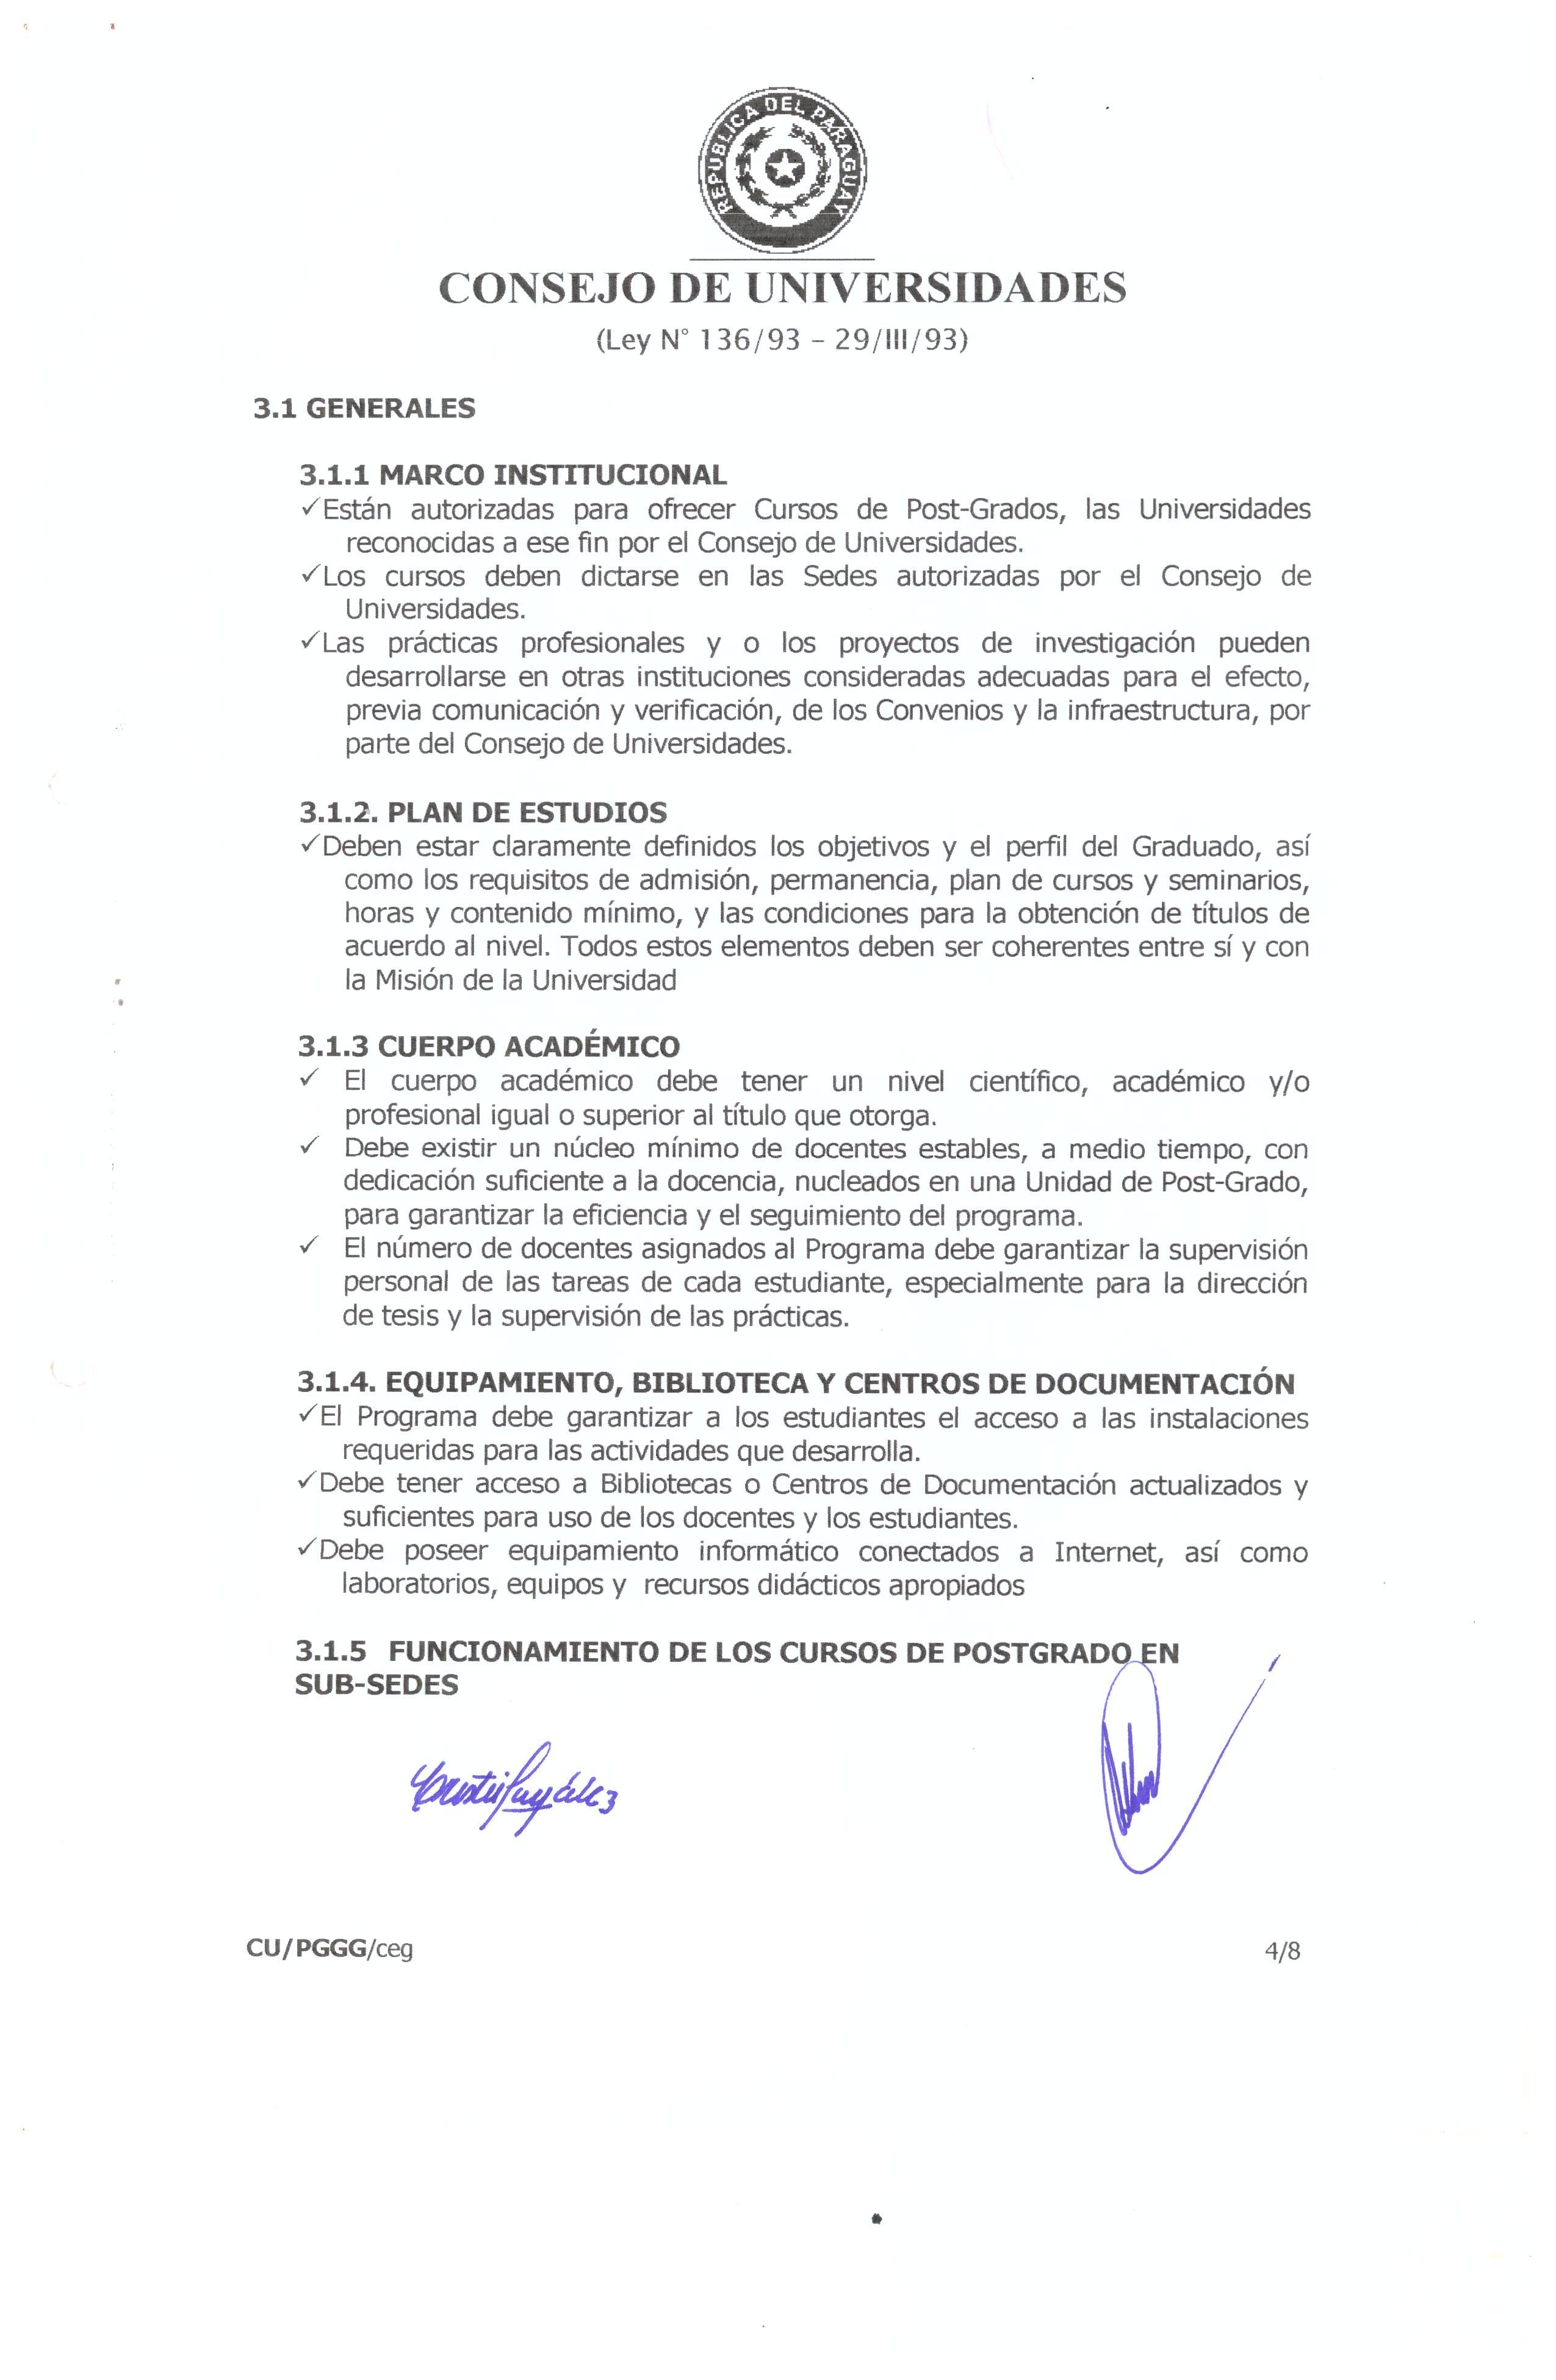 Acta N 03 ASN 03240308 Resolucin N 0408 Por la cual se aprueba el Reglamento de